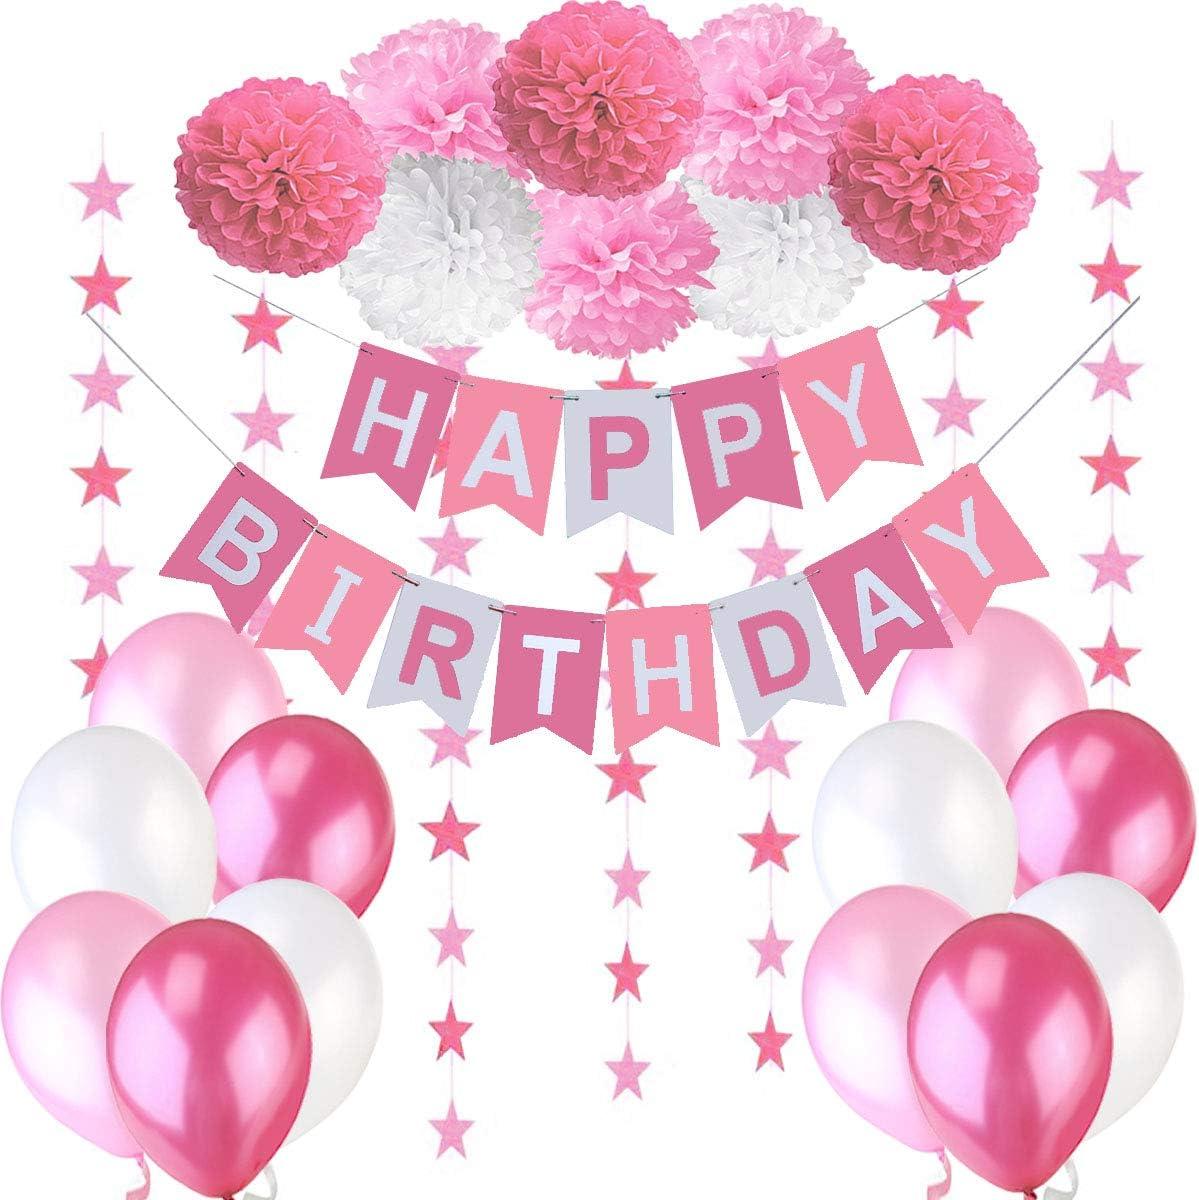 Geburtstag Dekoration Set Geburtstagsdeko Jungen Junge Kindergeburtstag Deko Happy Birthday Wimpelgirlande,8 Blumenpuscheln,6 Meter Girlande mit Sternen,12 Ballons Blau Wei/ß T/ürkis